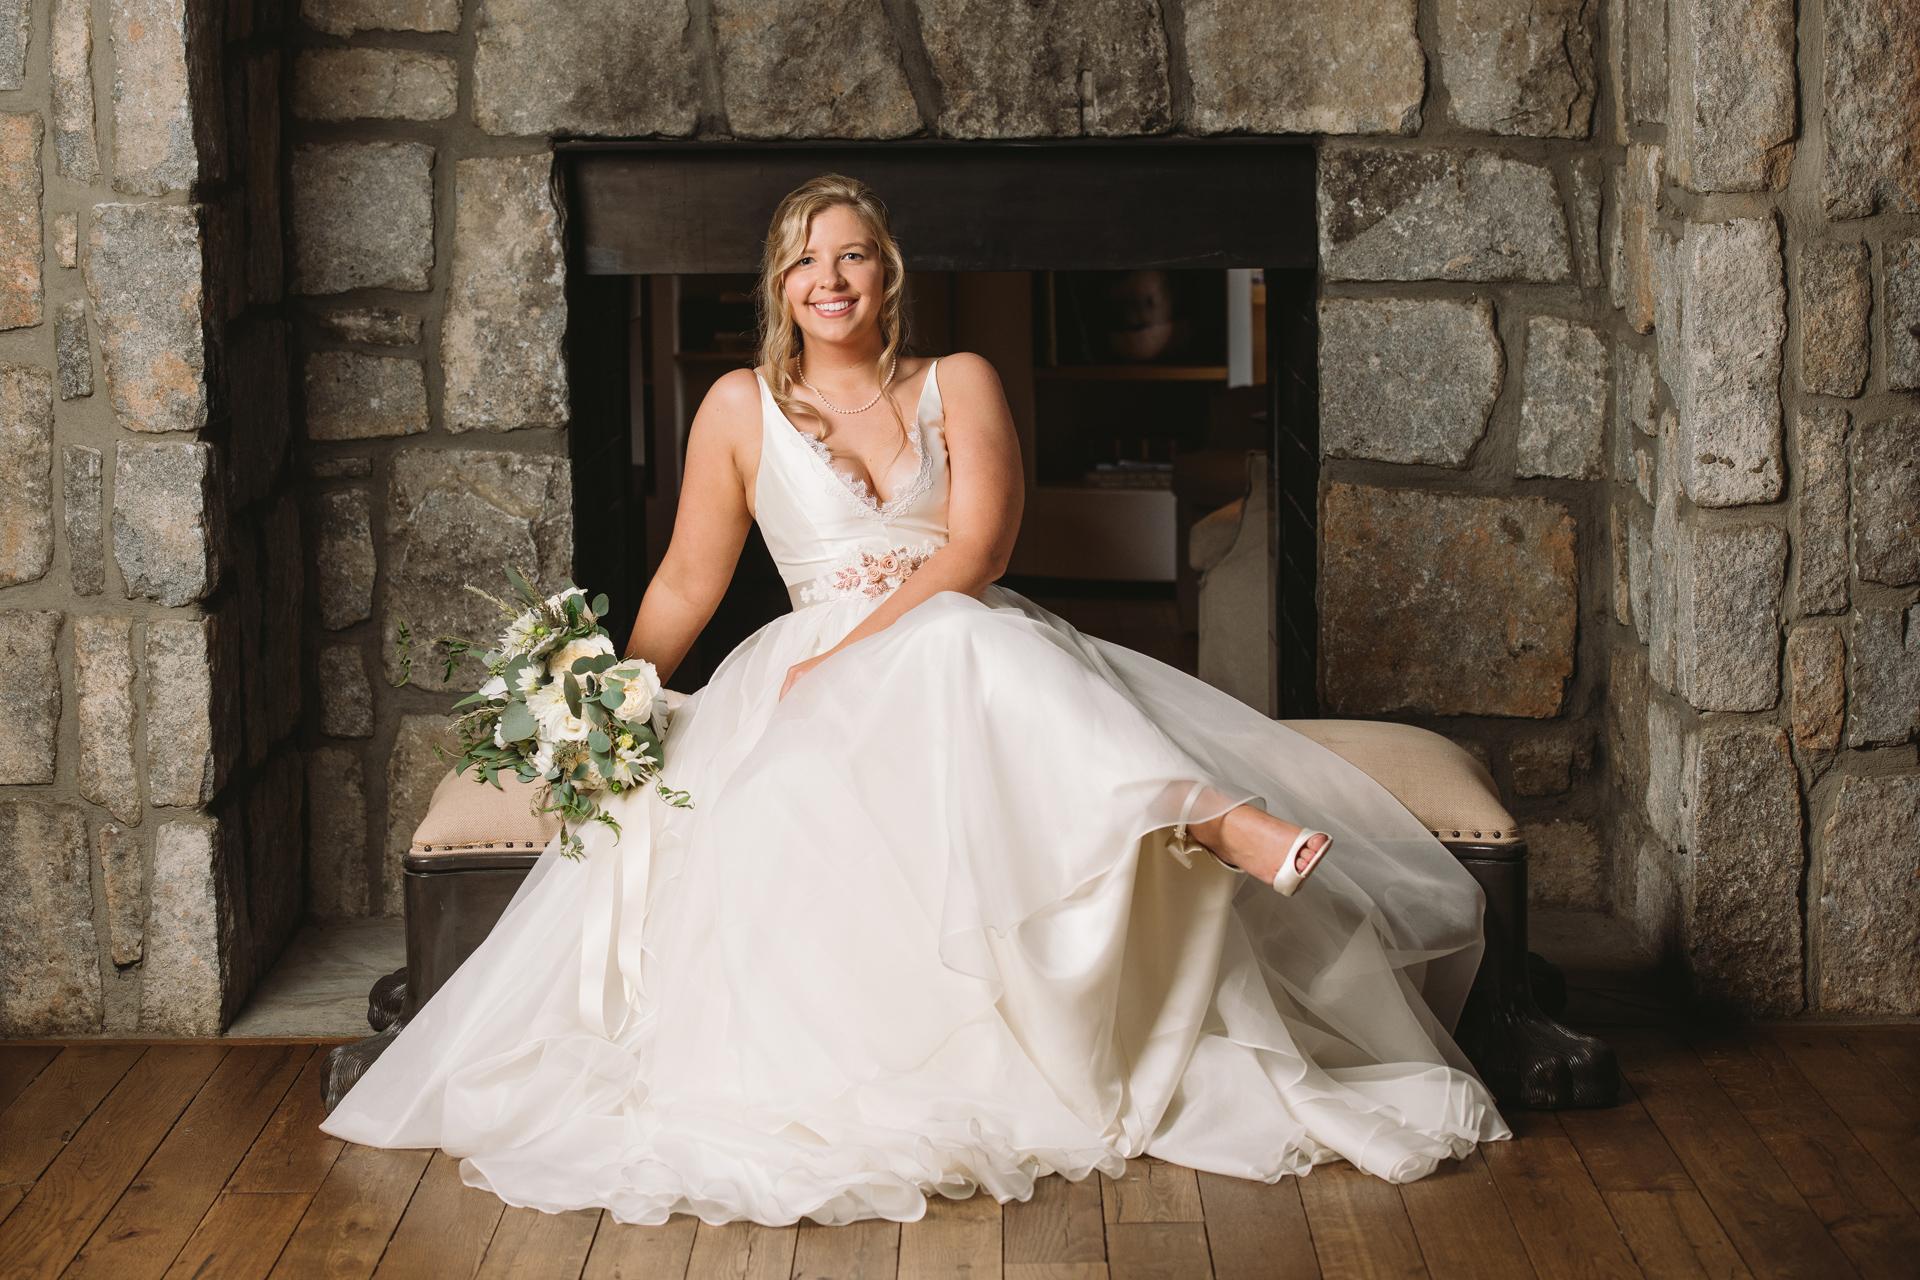 bridal-portraits-fun